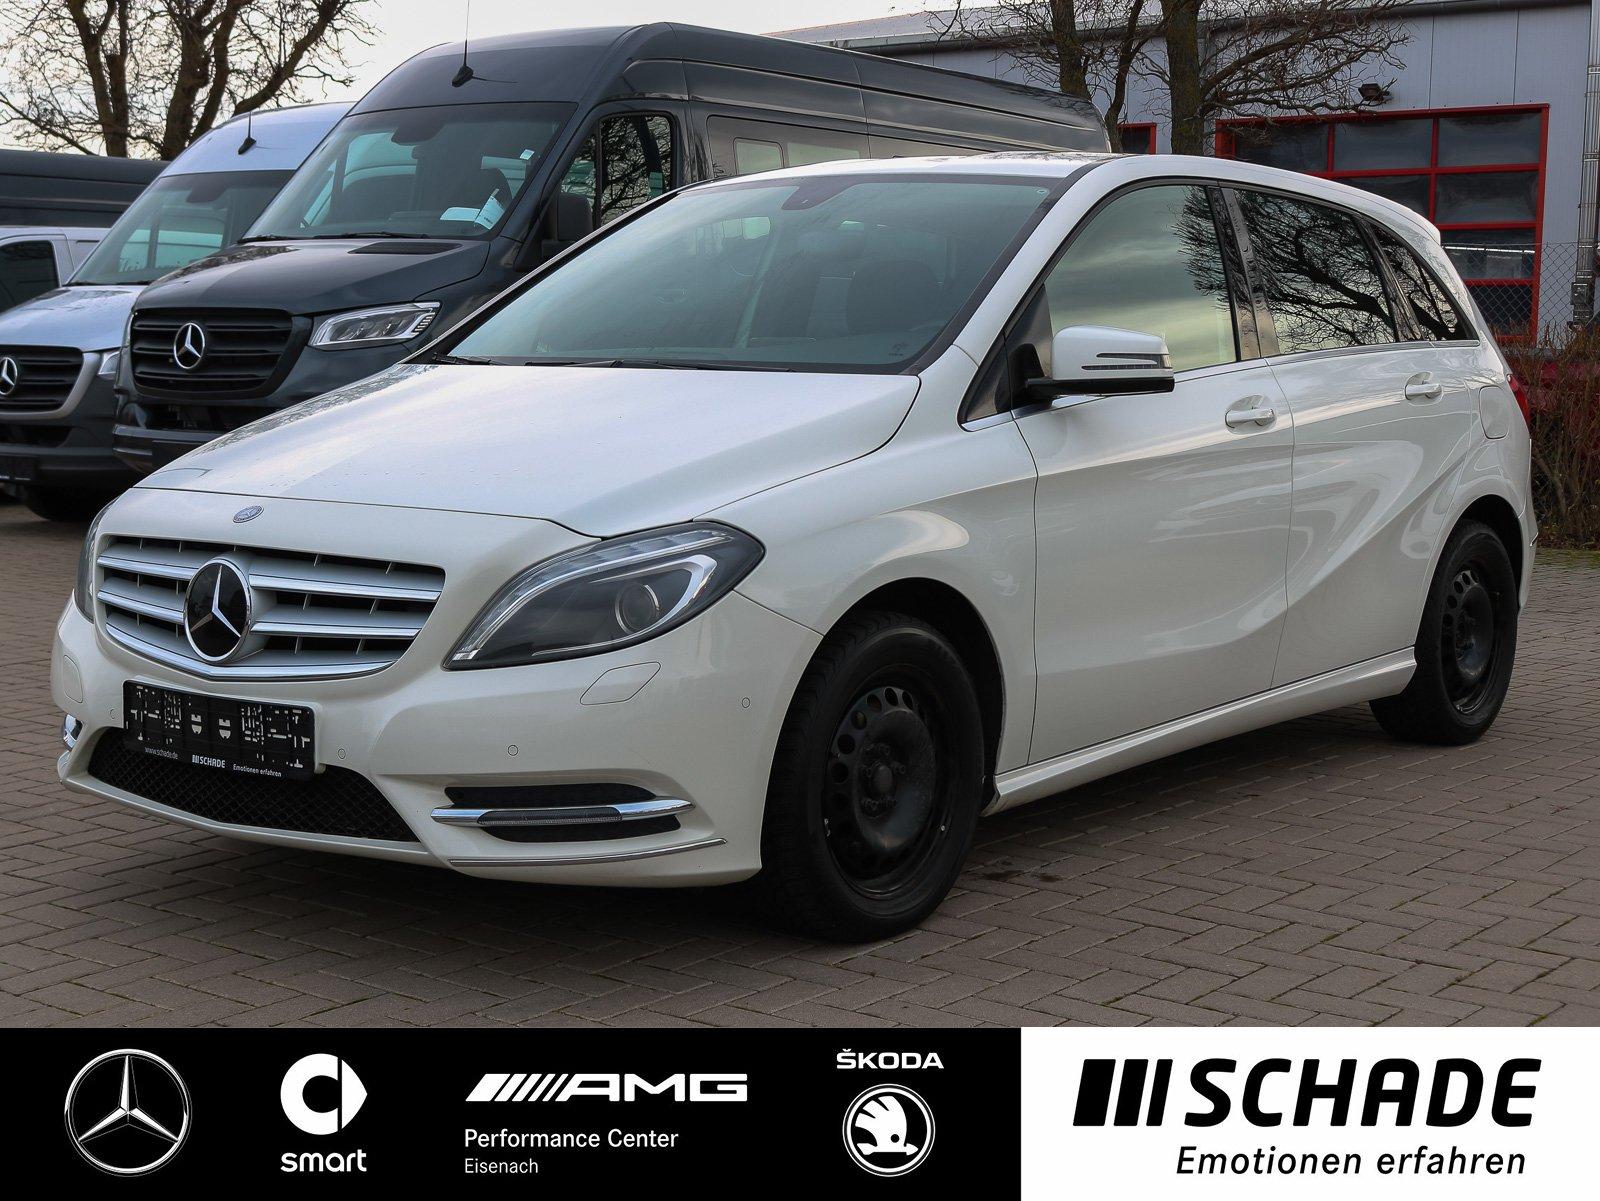 Mercedes-Benz B 200 CDI Xenon*Sitzheizung*Park-Pilot*Kamera*, Jahr 2013, diesel